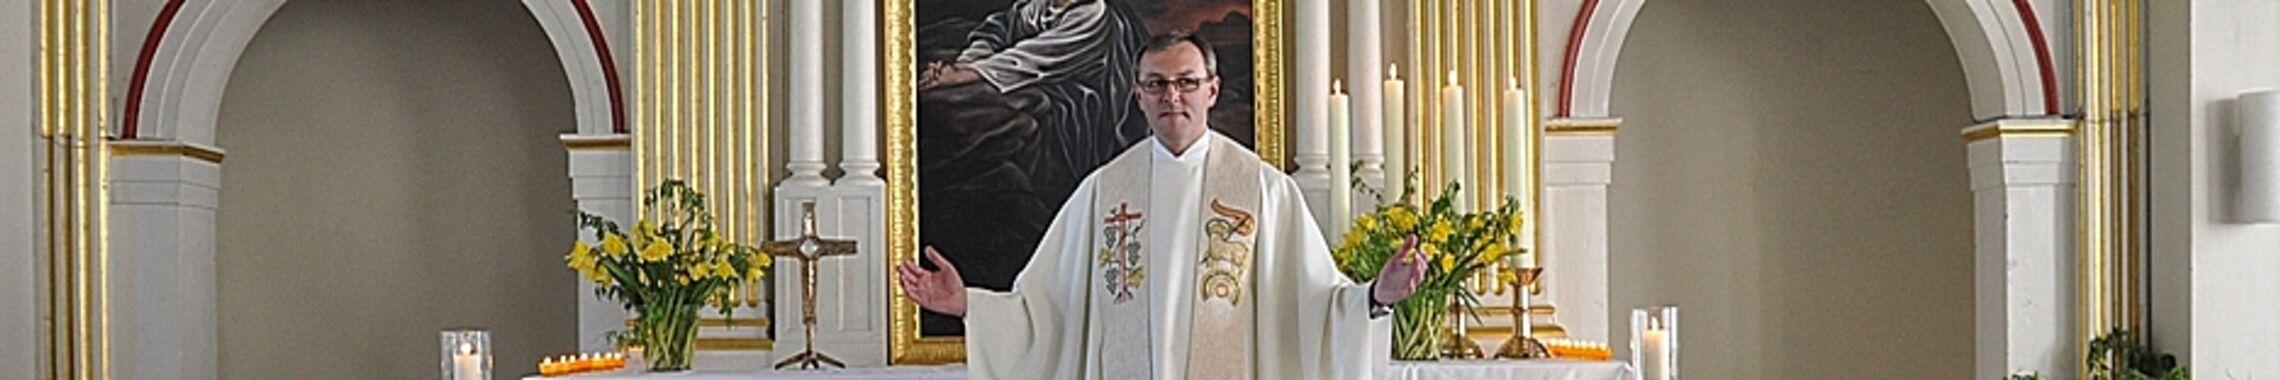 Altarausschnitt Ostern